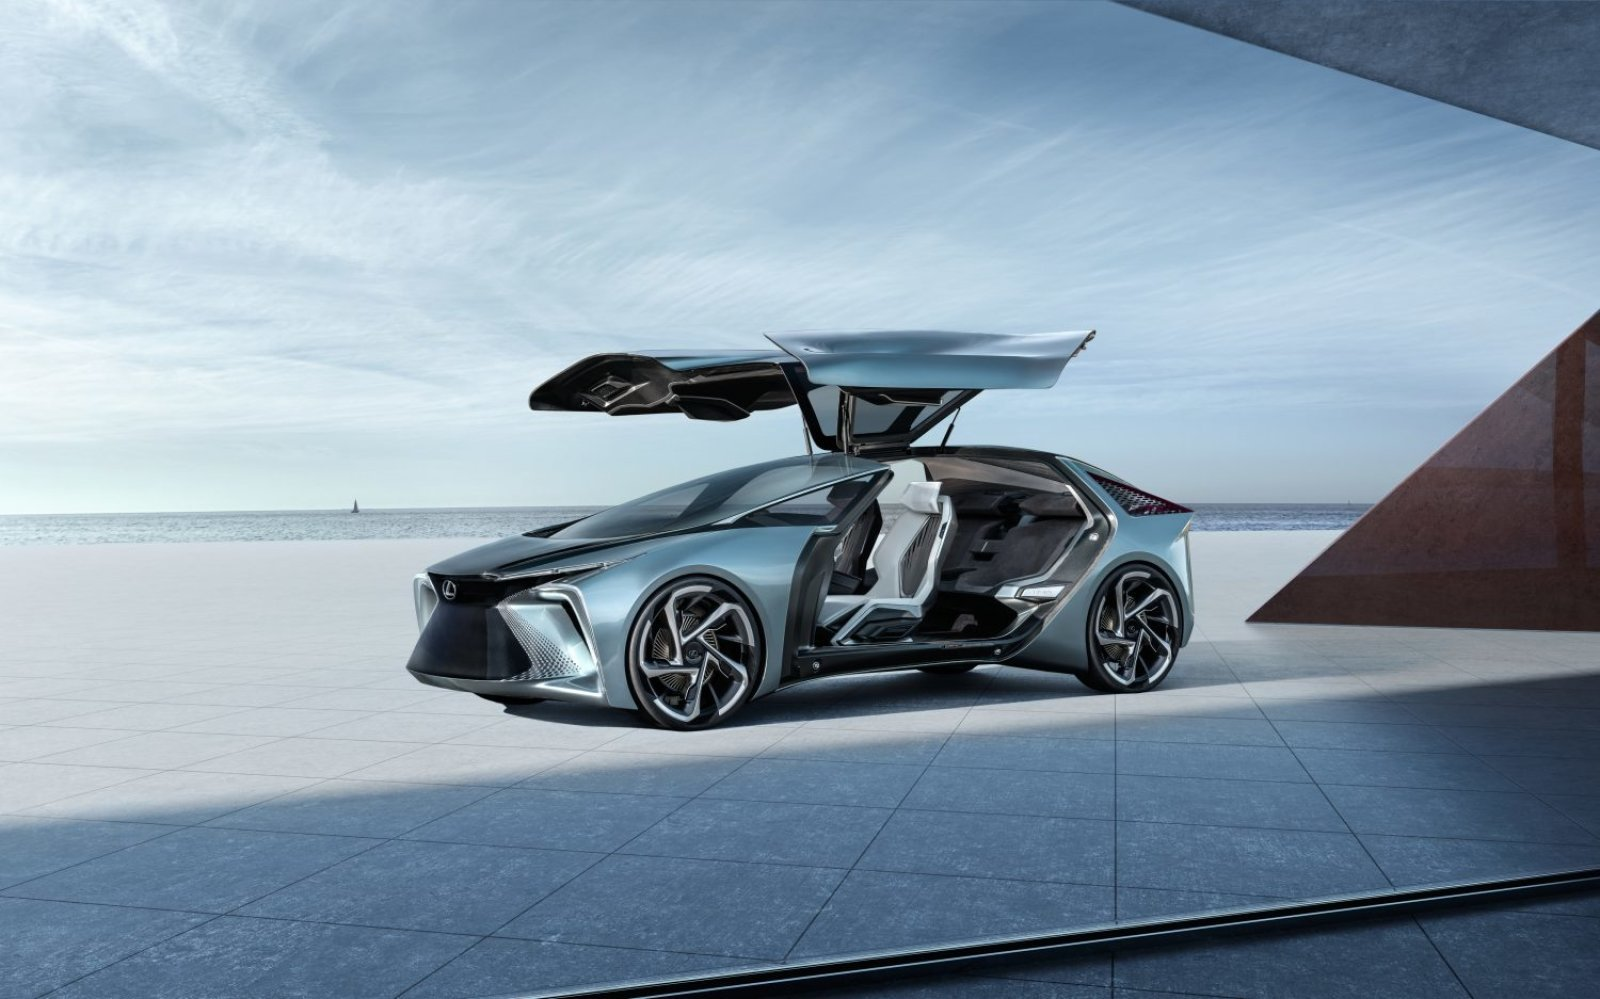 اولین خودرو برقی و خودران لکسوس چه فناوریهایی دارد؟